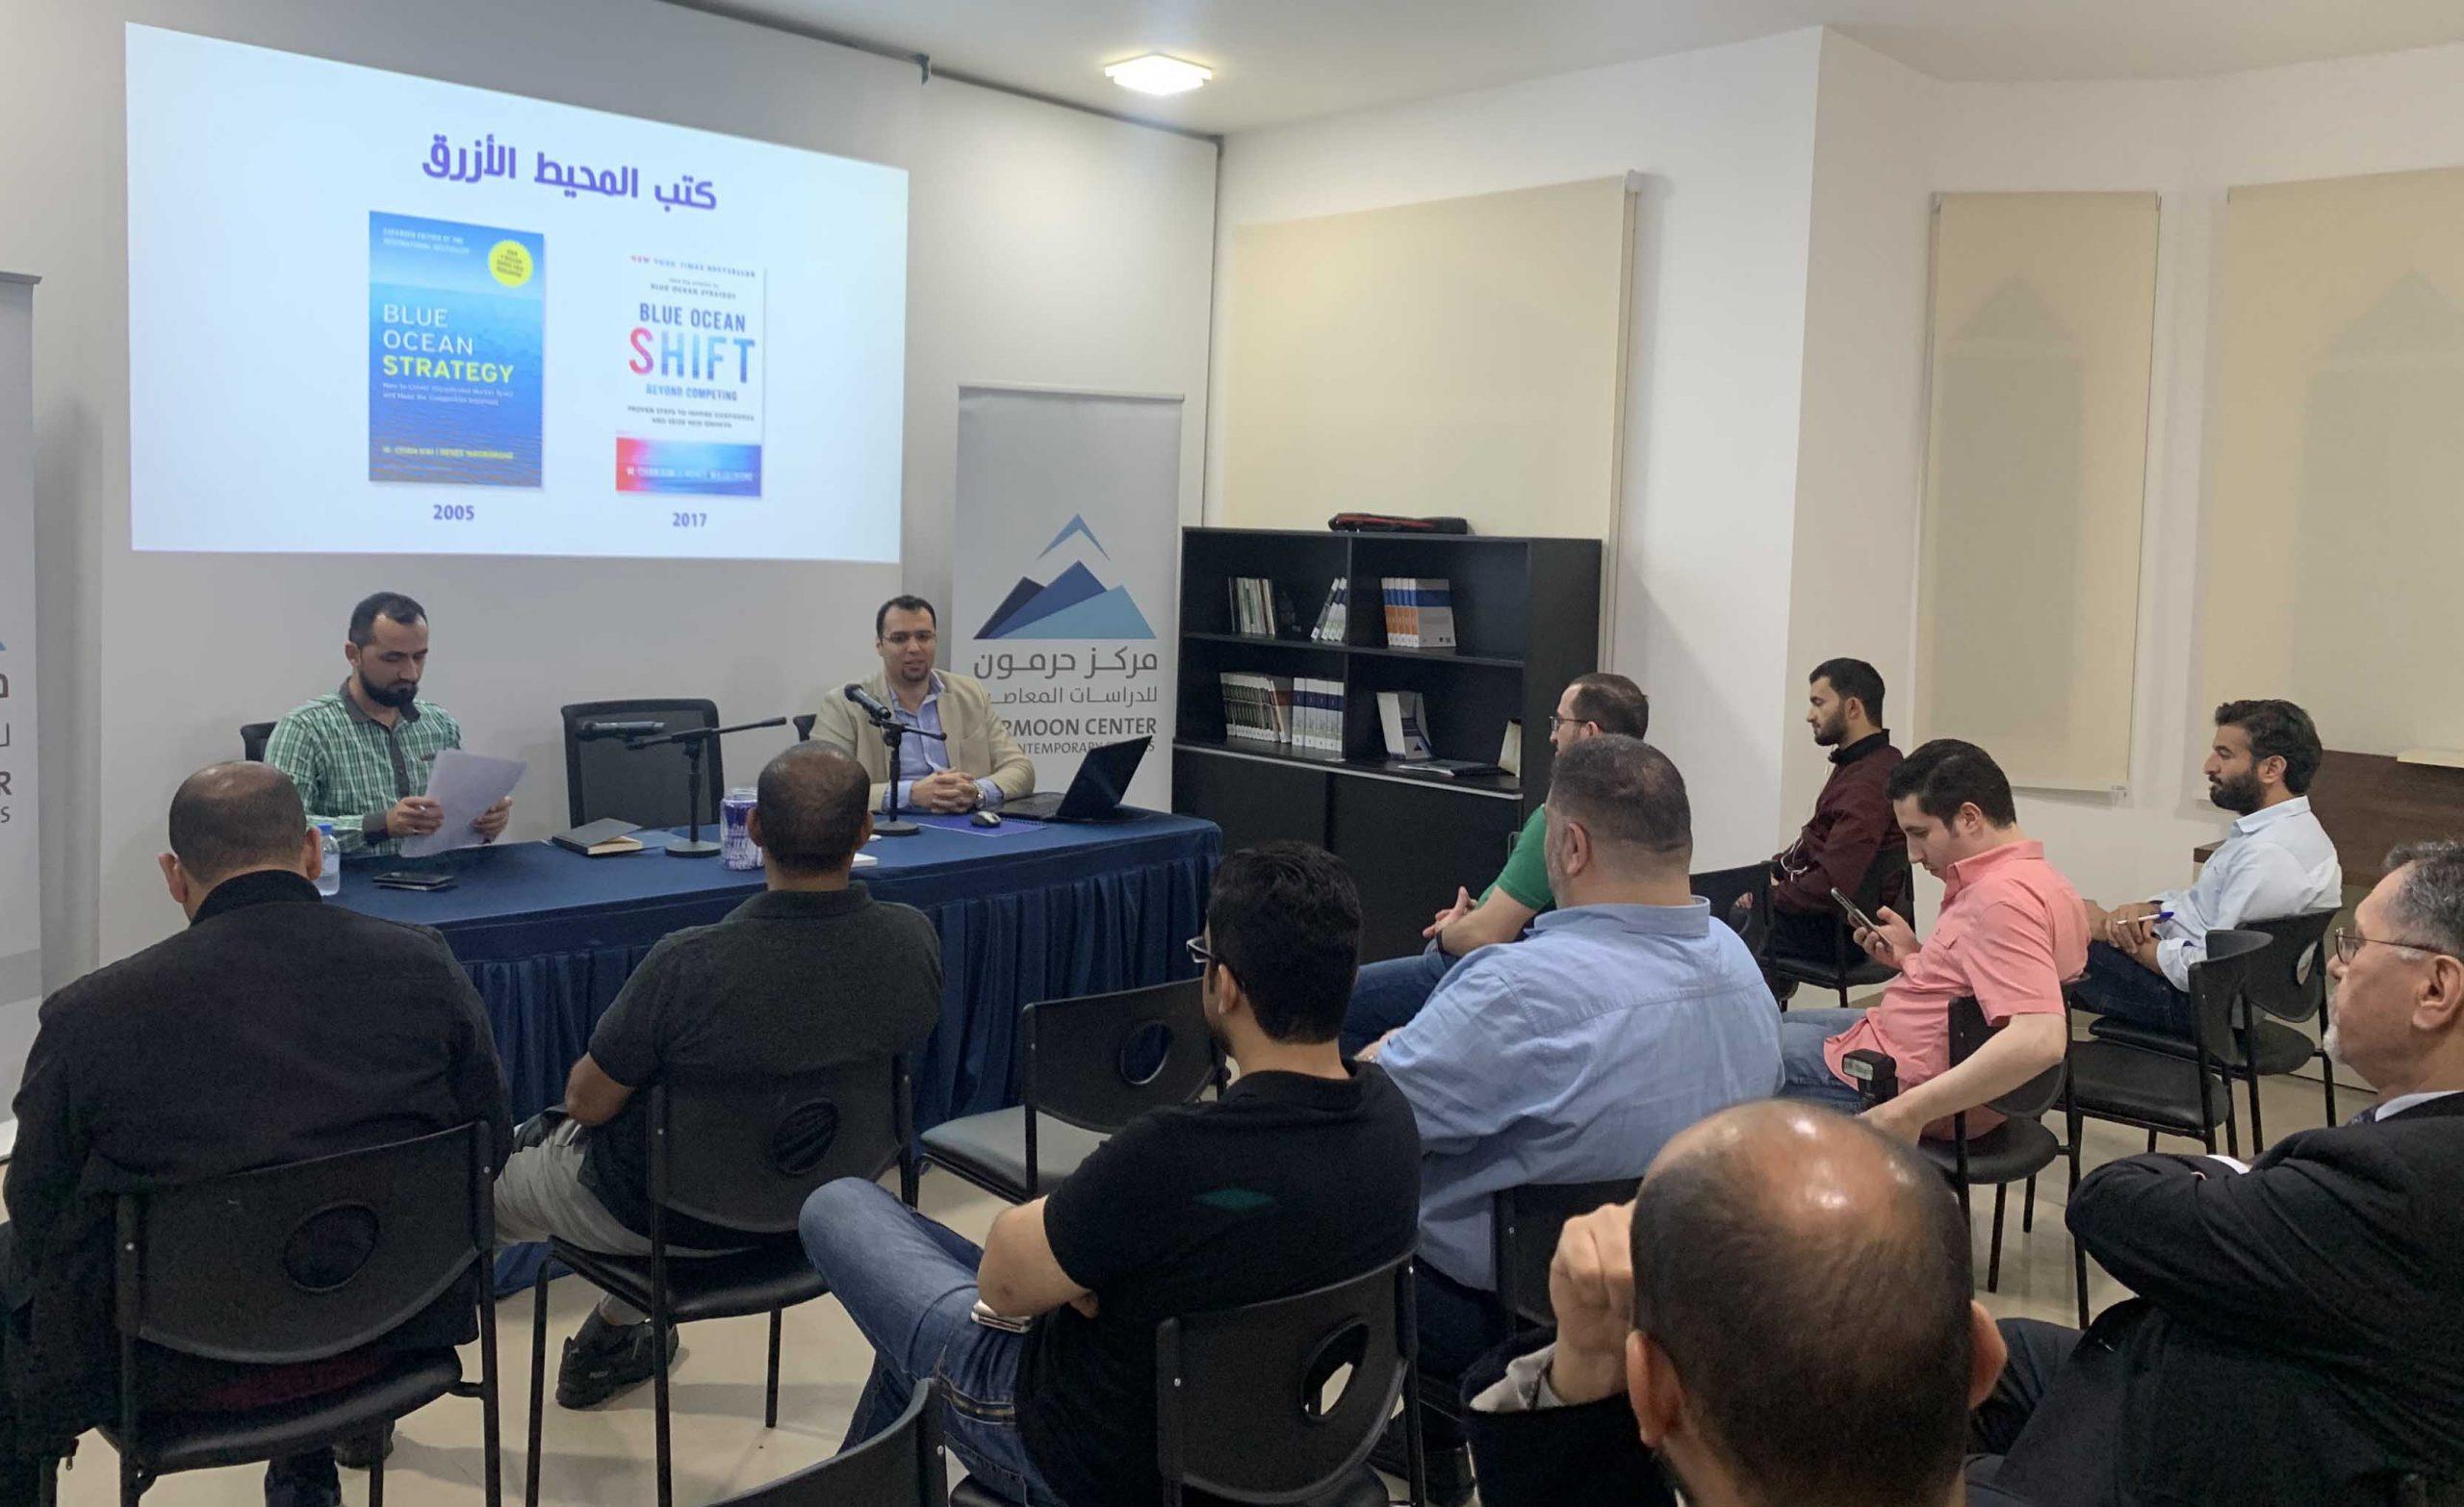 """قراءة لـ """"استراتيجية المحيط الأزرق"""" في مركز حرمون في الدوحة"""